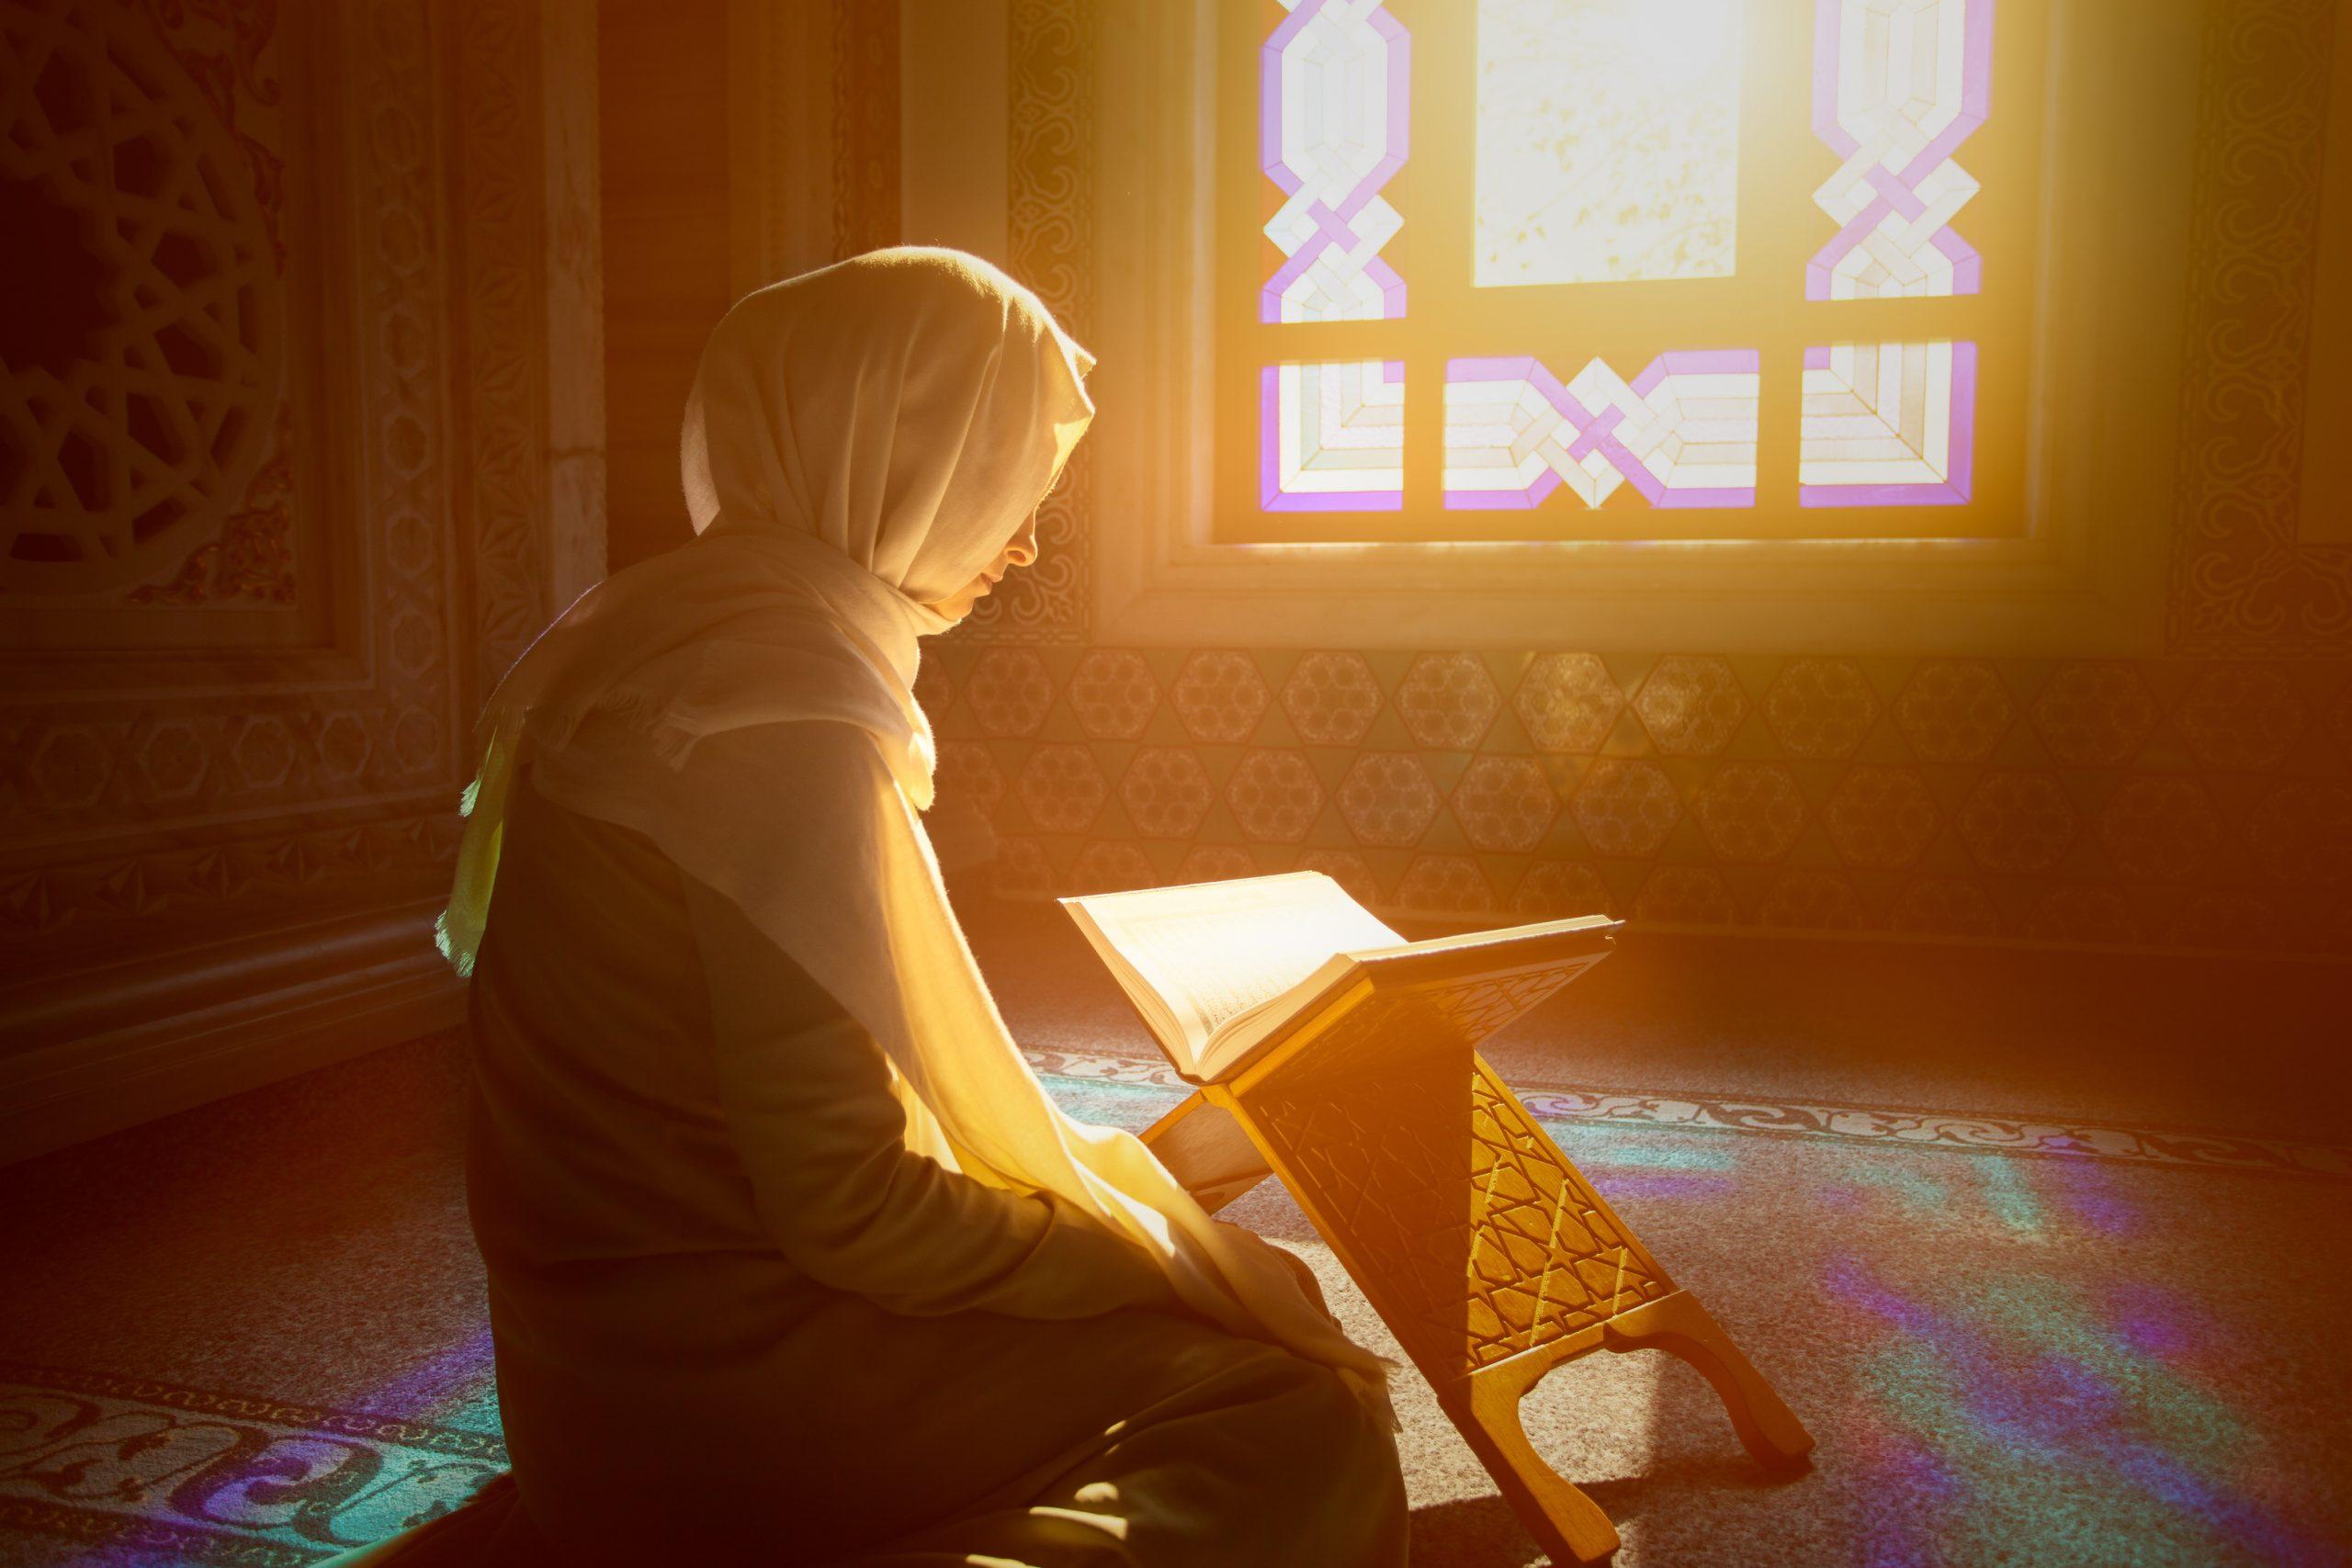 دعاء لراحة البال والفكر